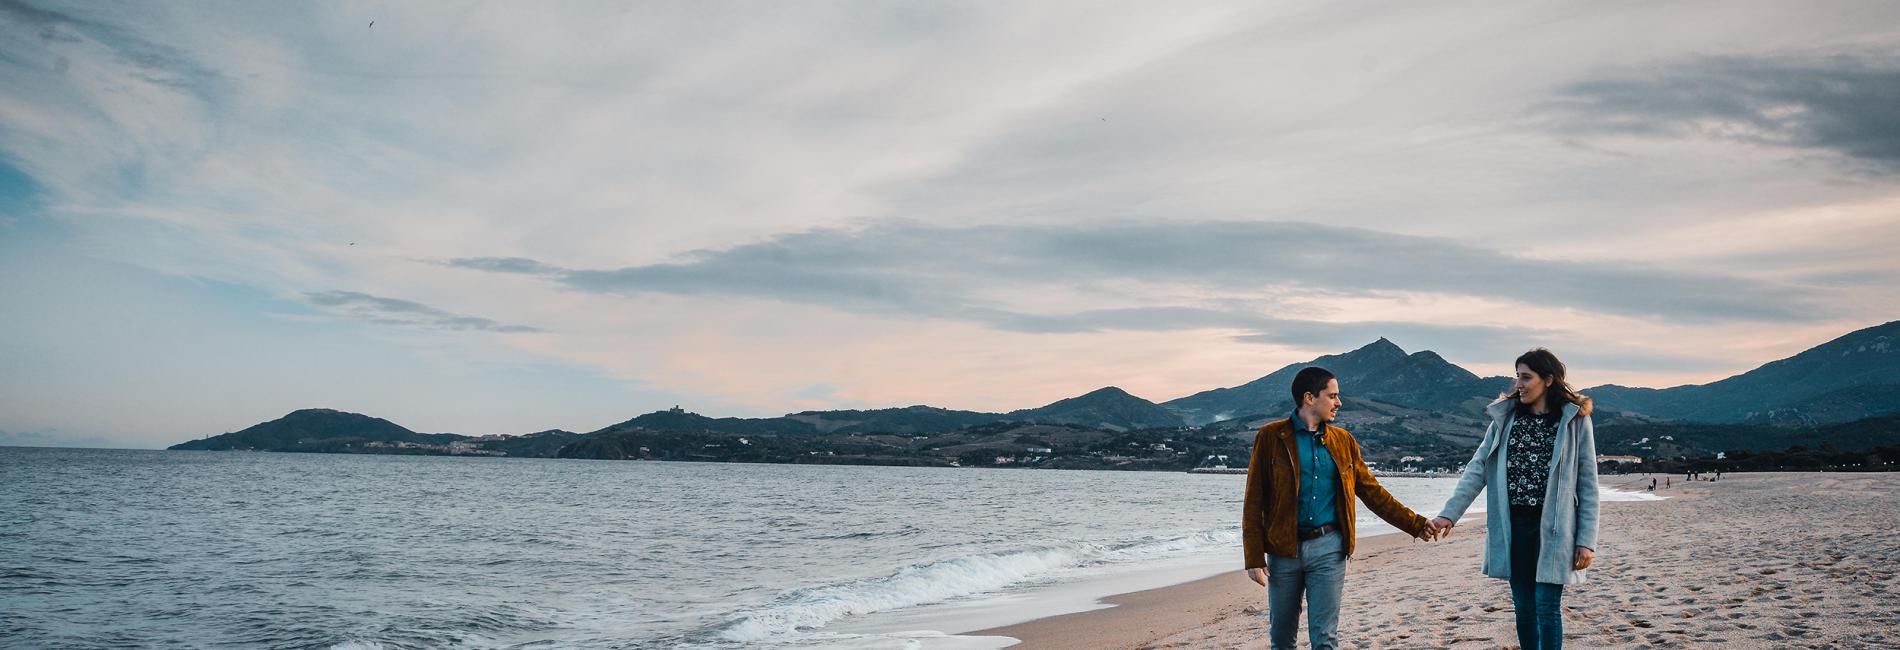 Découverte d'Argelès sur mer et ses alentours